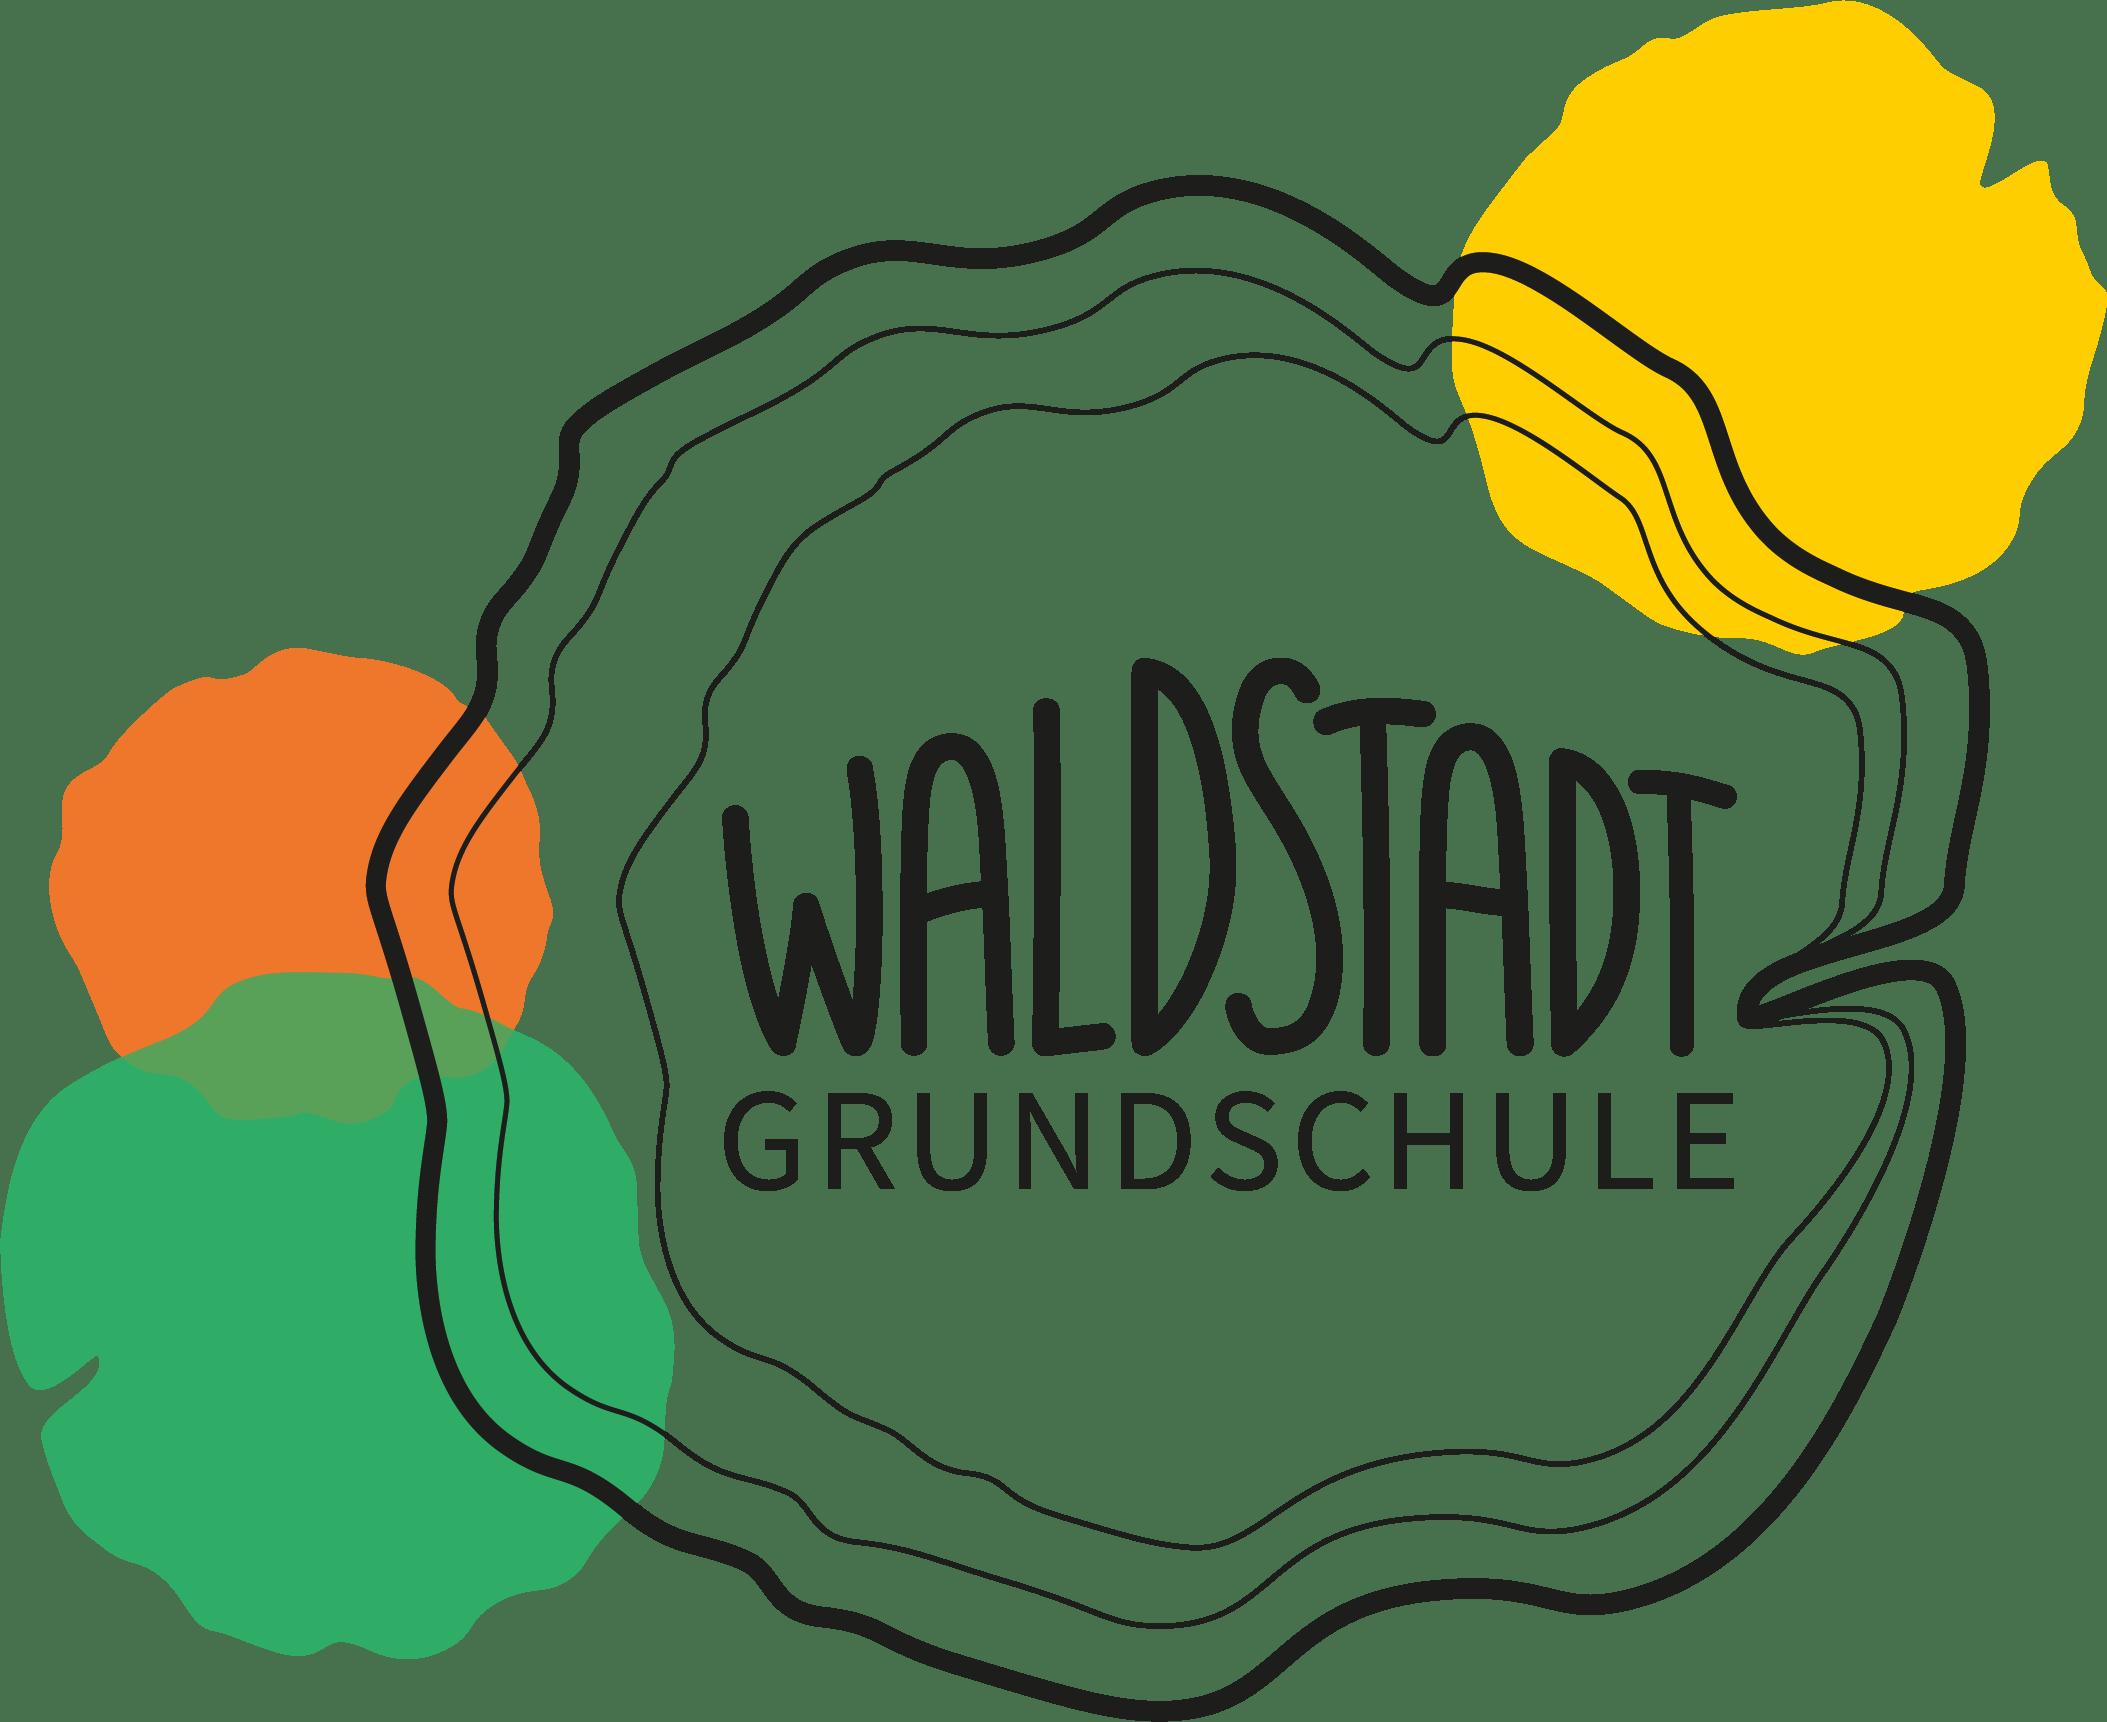 Waldstadt-Grundschule Potsdam